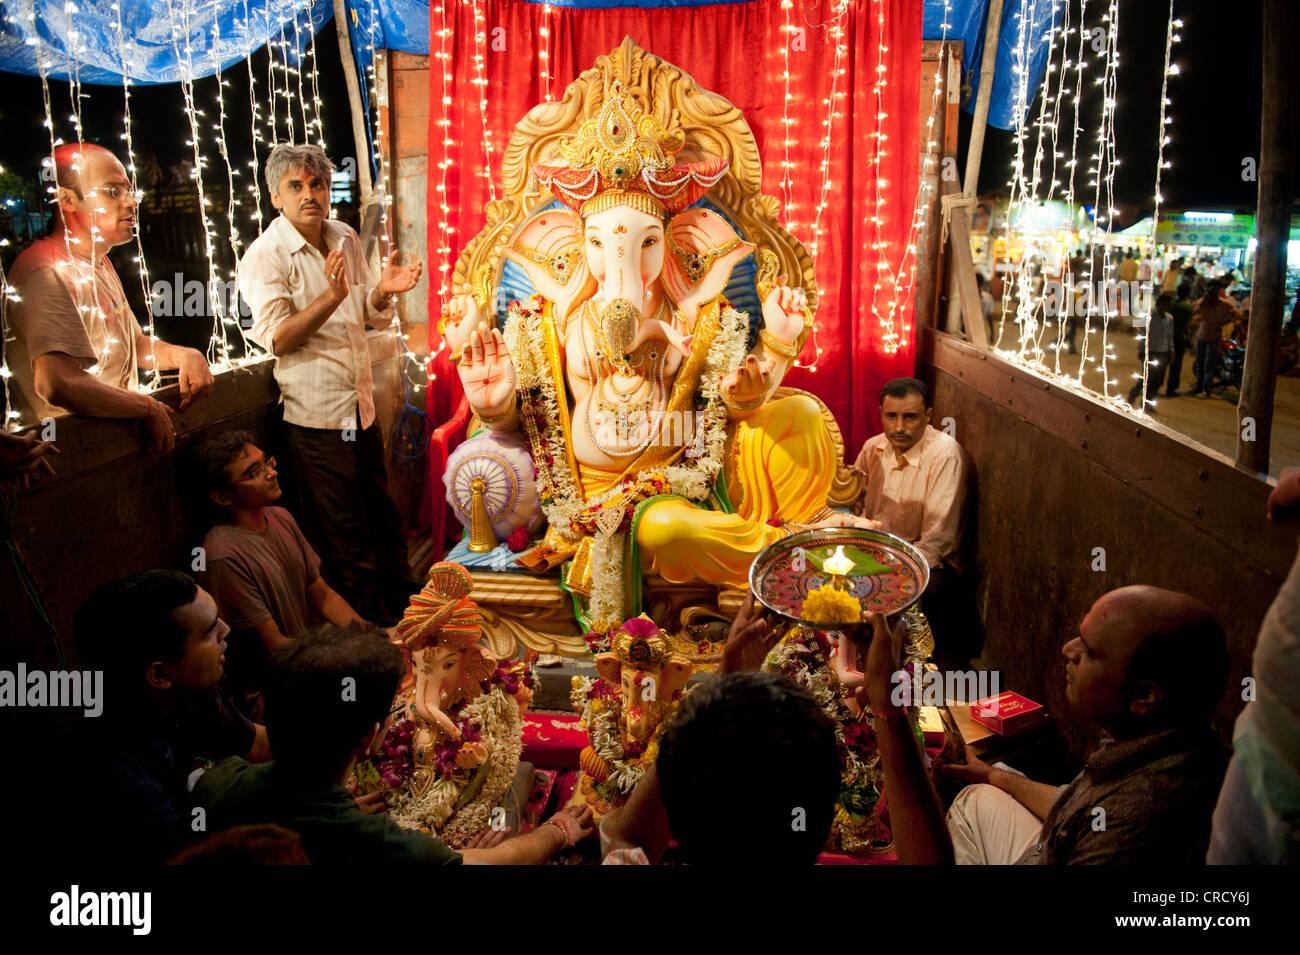 Worshippers celebrate the Ganesha Chaturthi festival